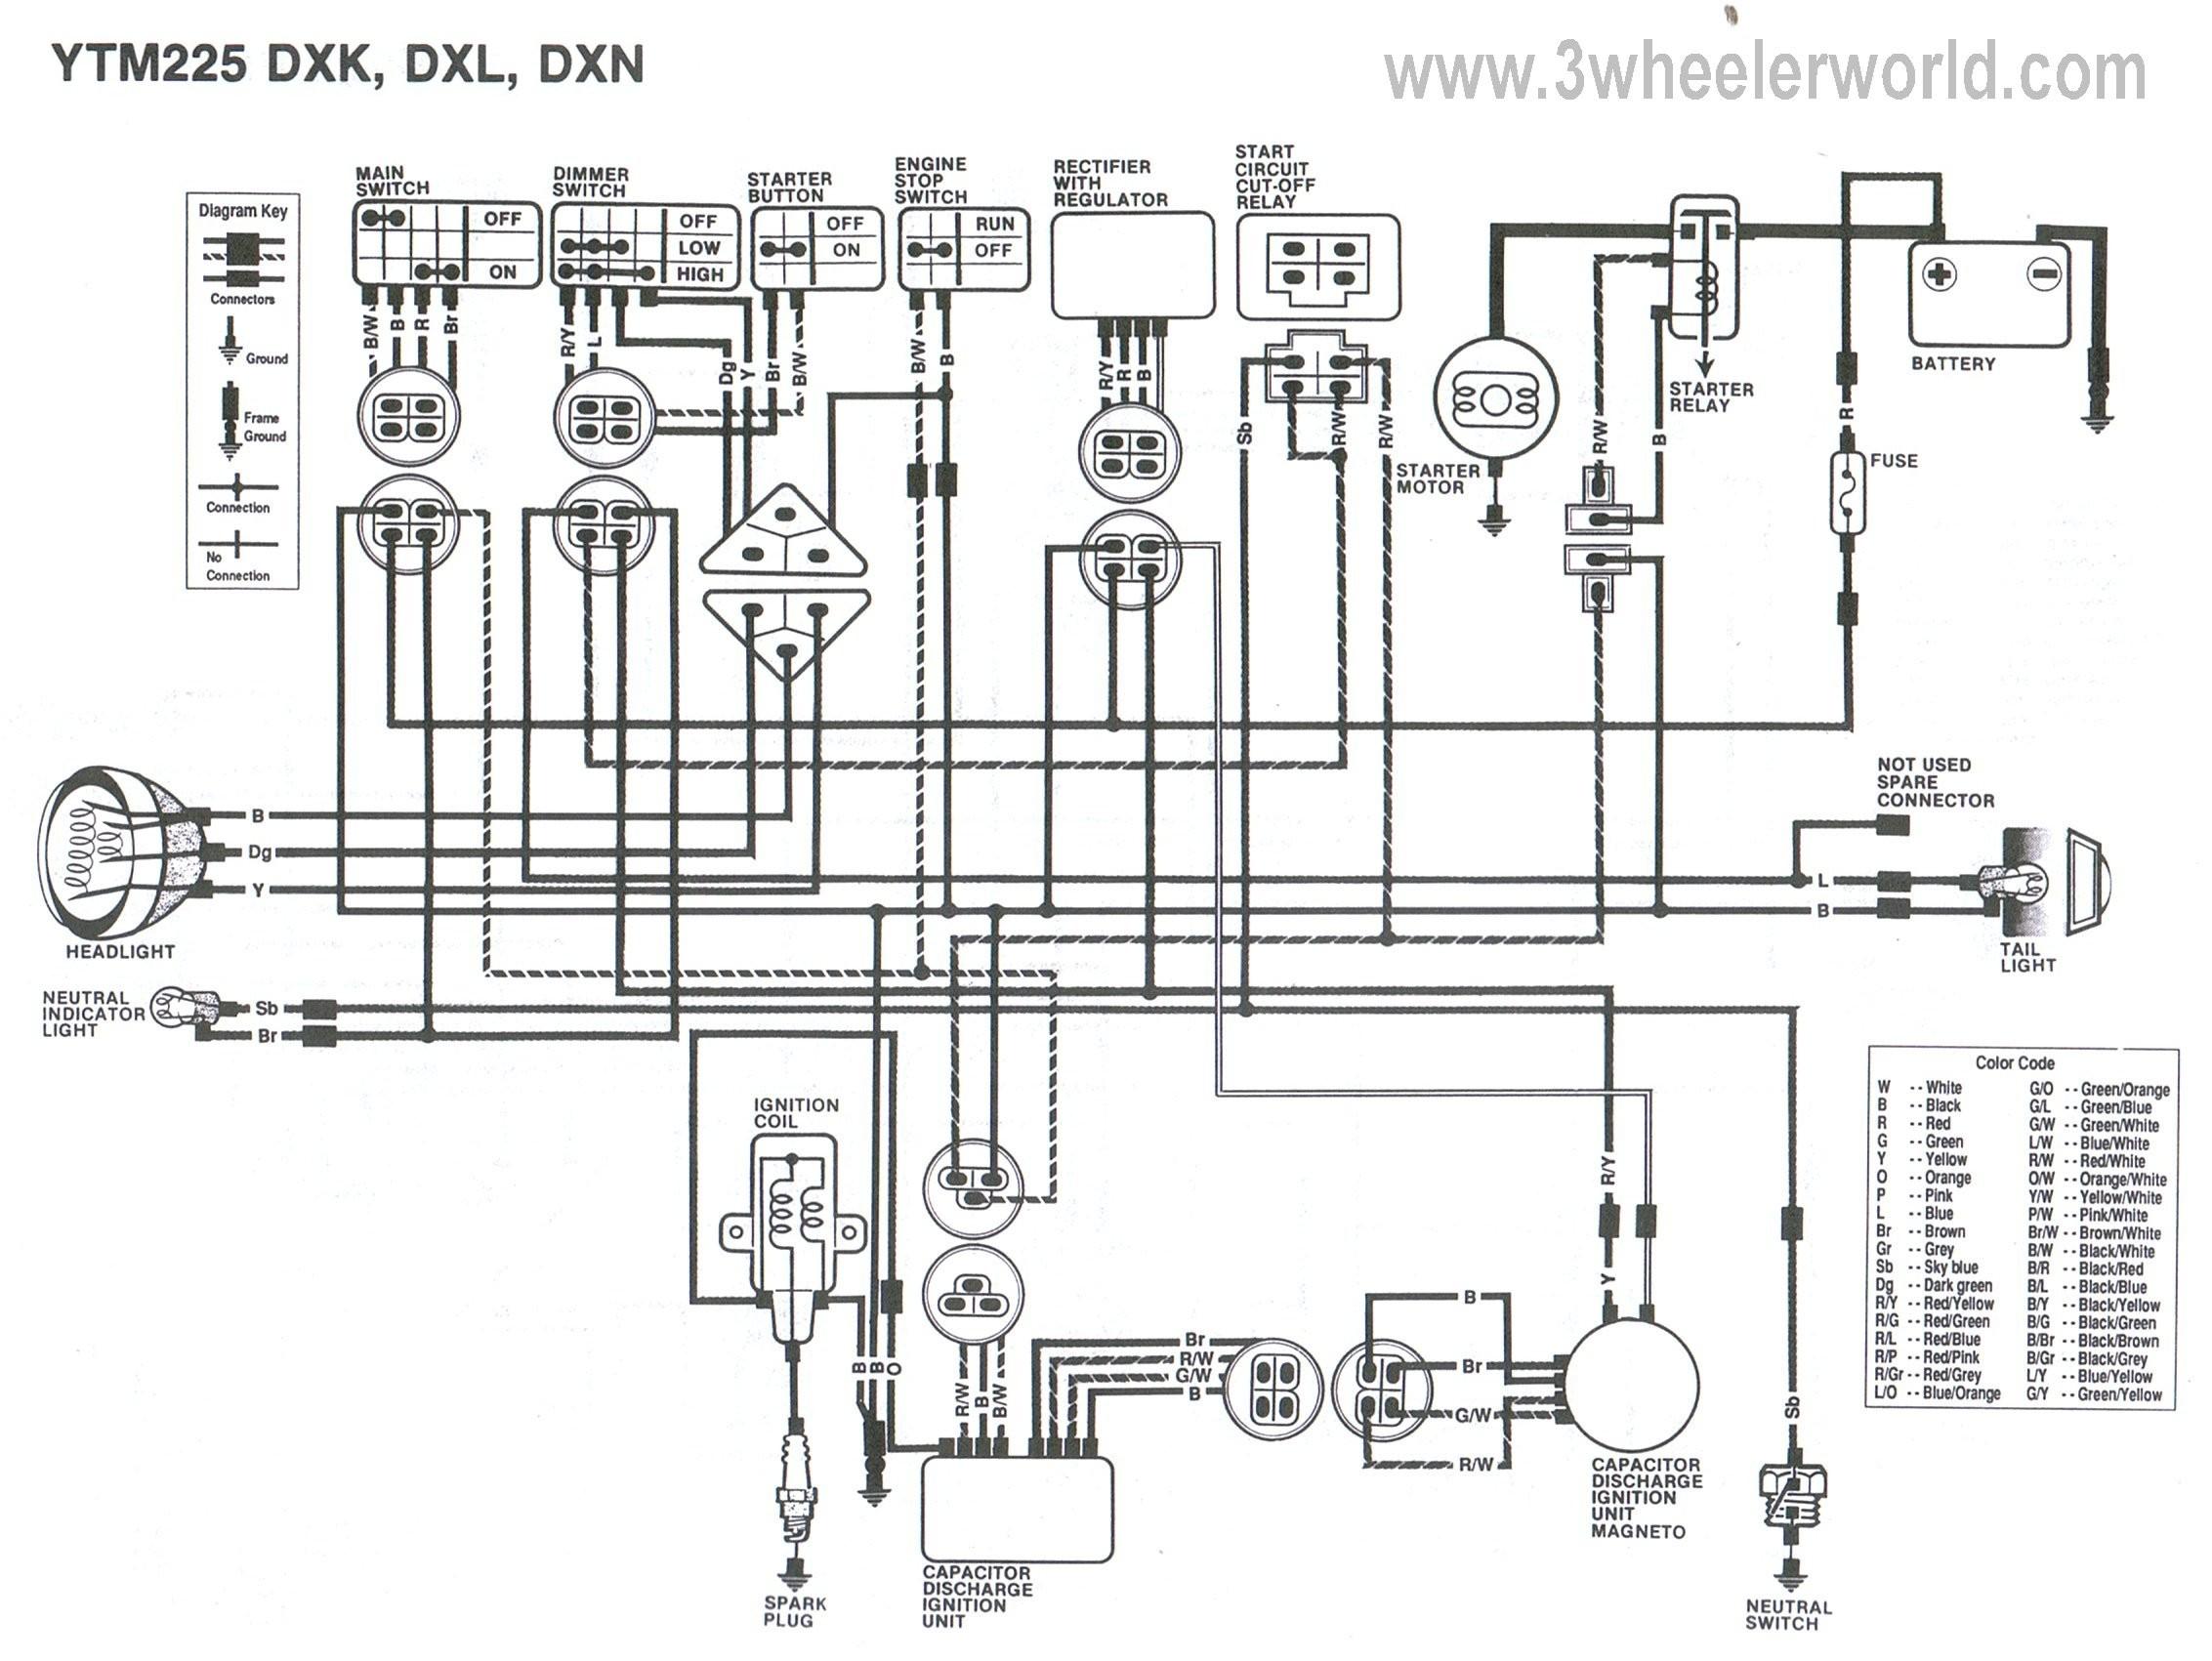 Yamaha Big Bear 350 Electric Diagram 95 Yamaha Big Bear 350 Cdi Wiring Diagram Of Yamaha Big Bear 350 Electric Diagram